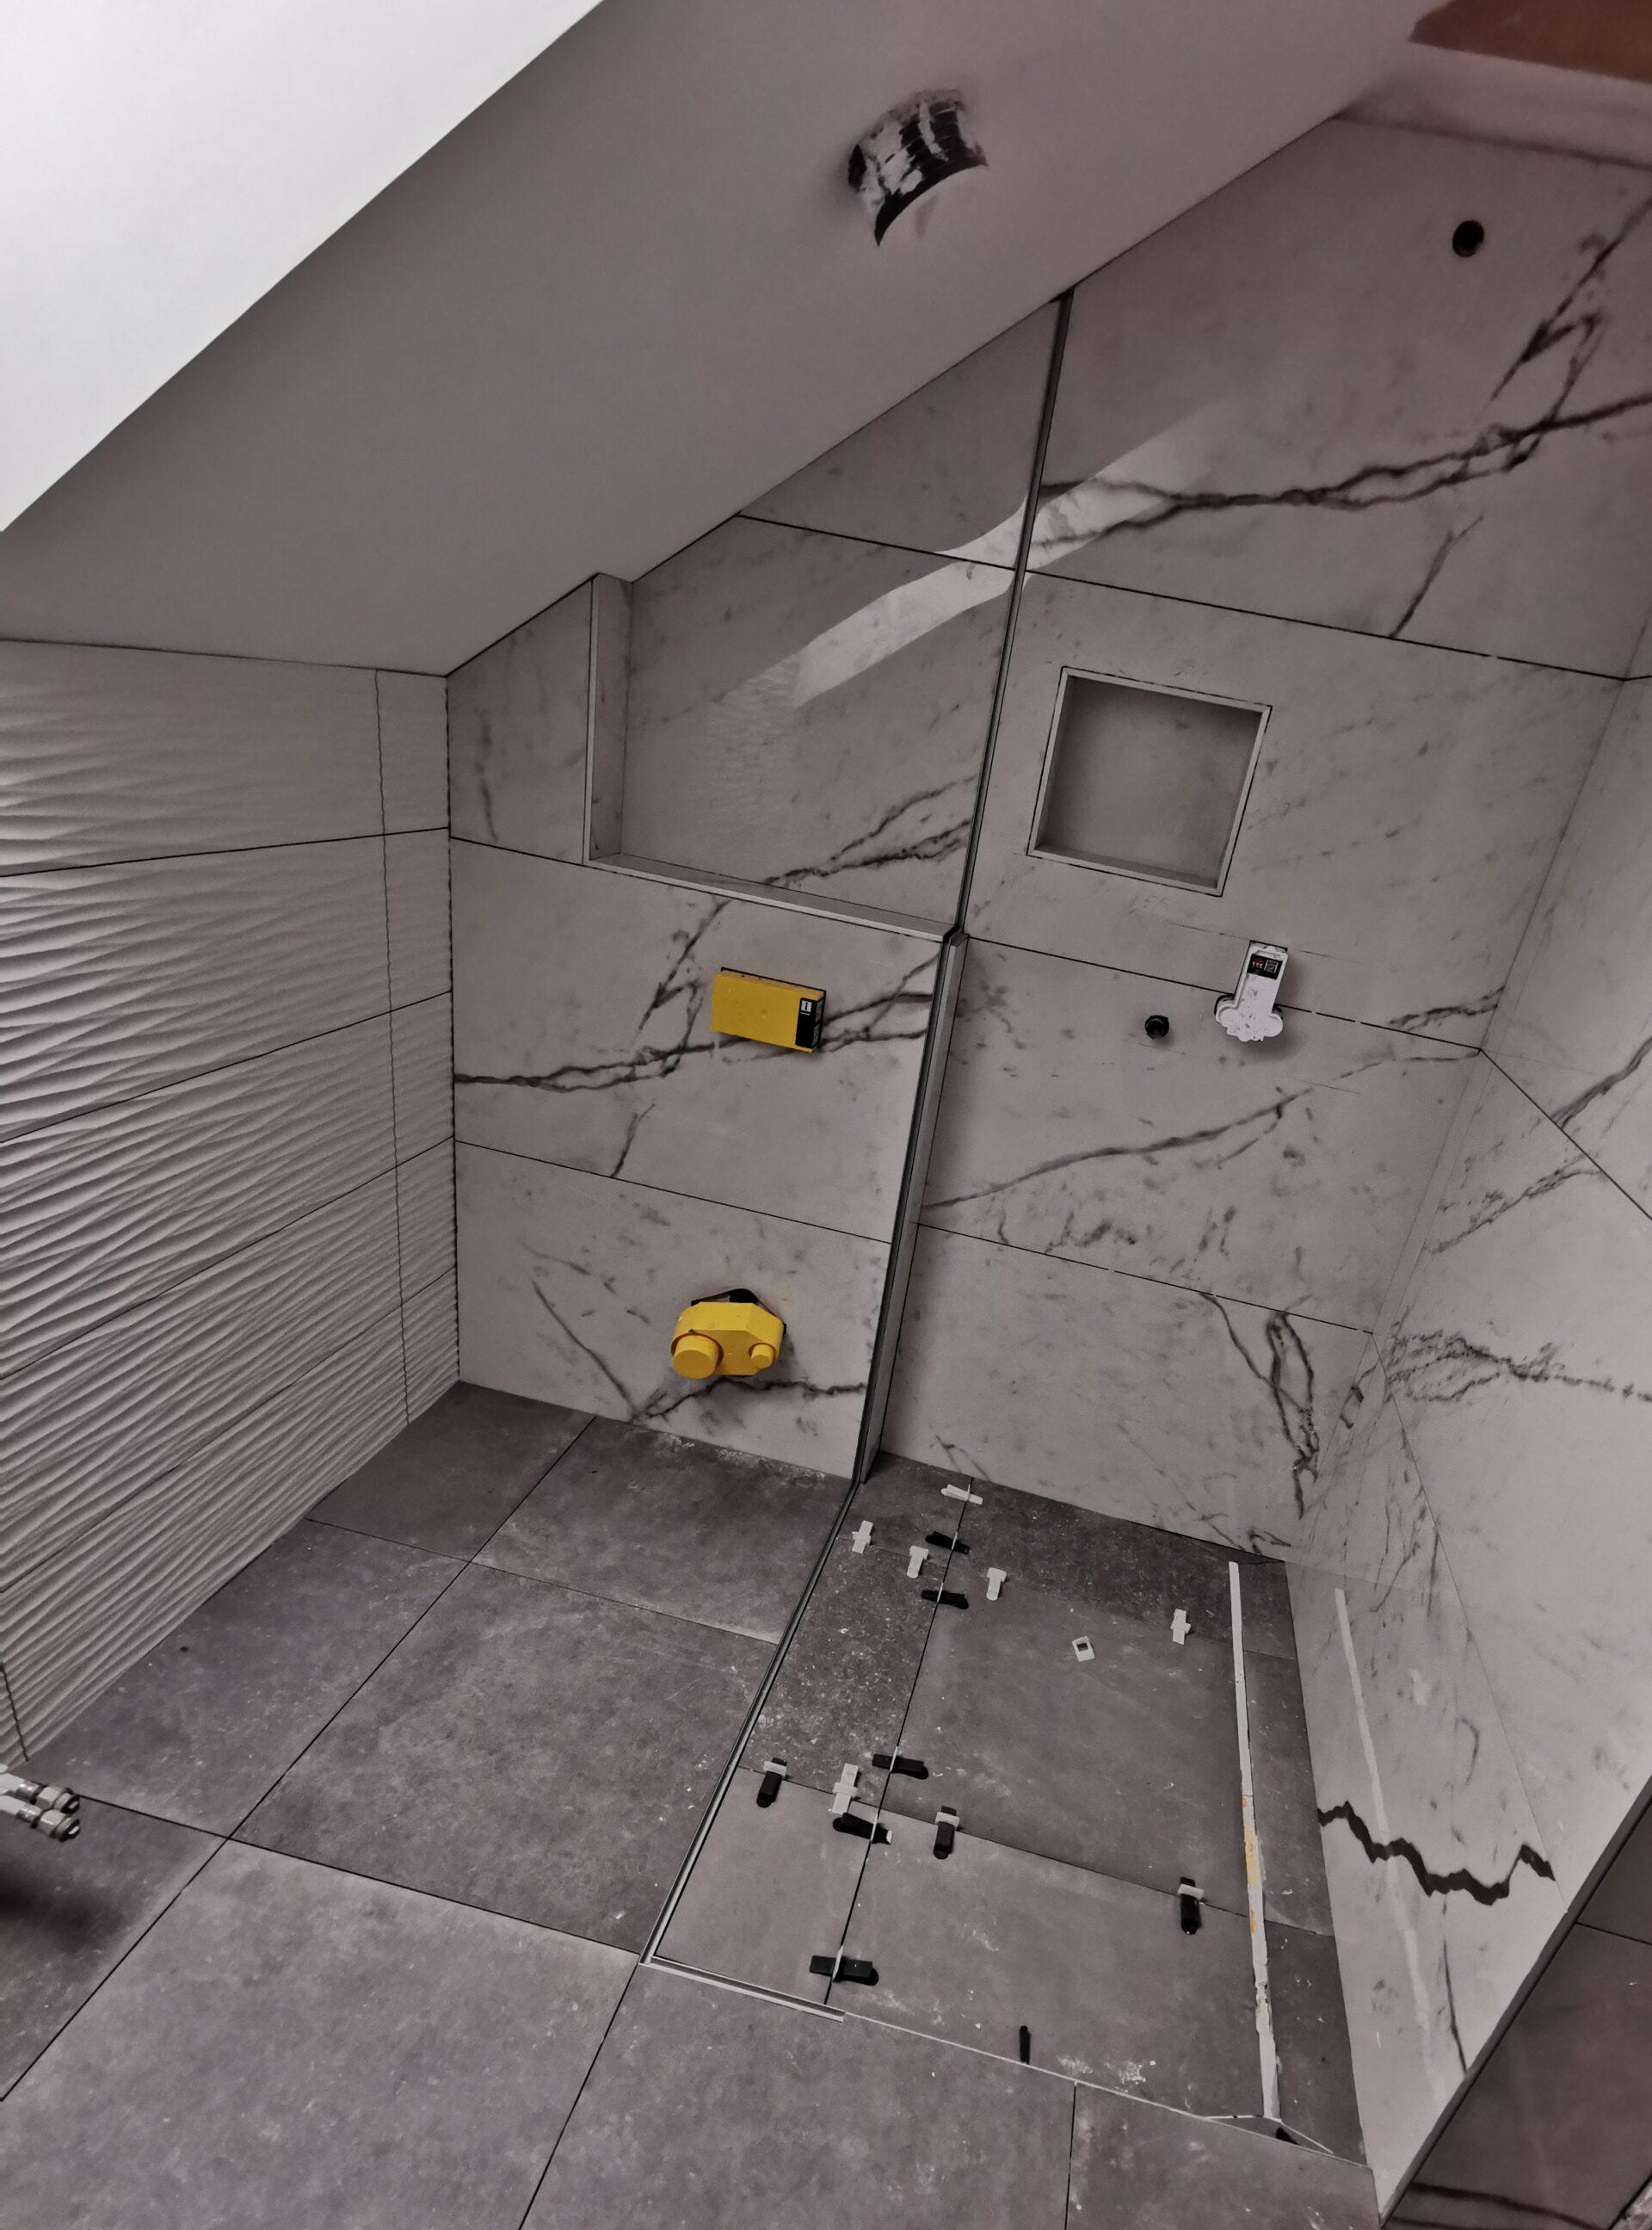 Polaganje keramike v kopalnici na stene in tla 21